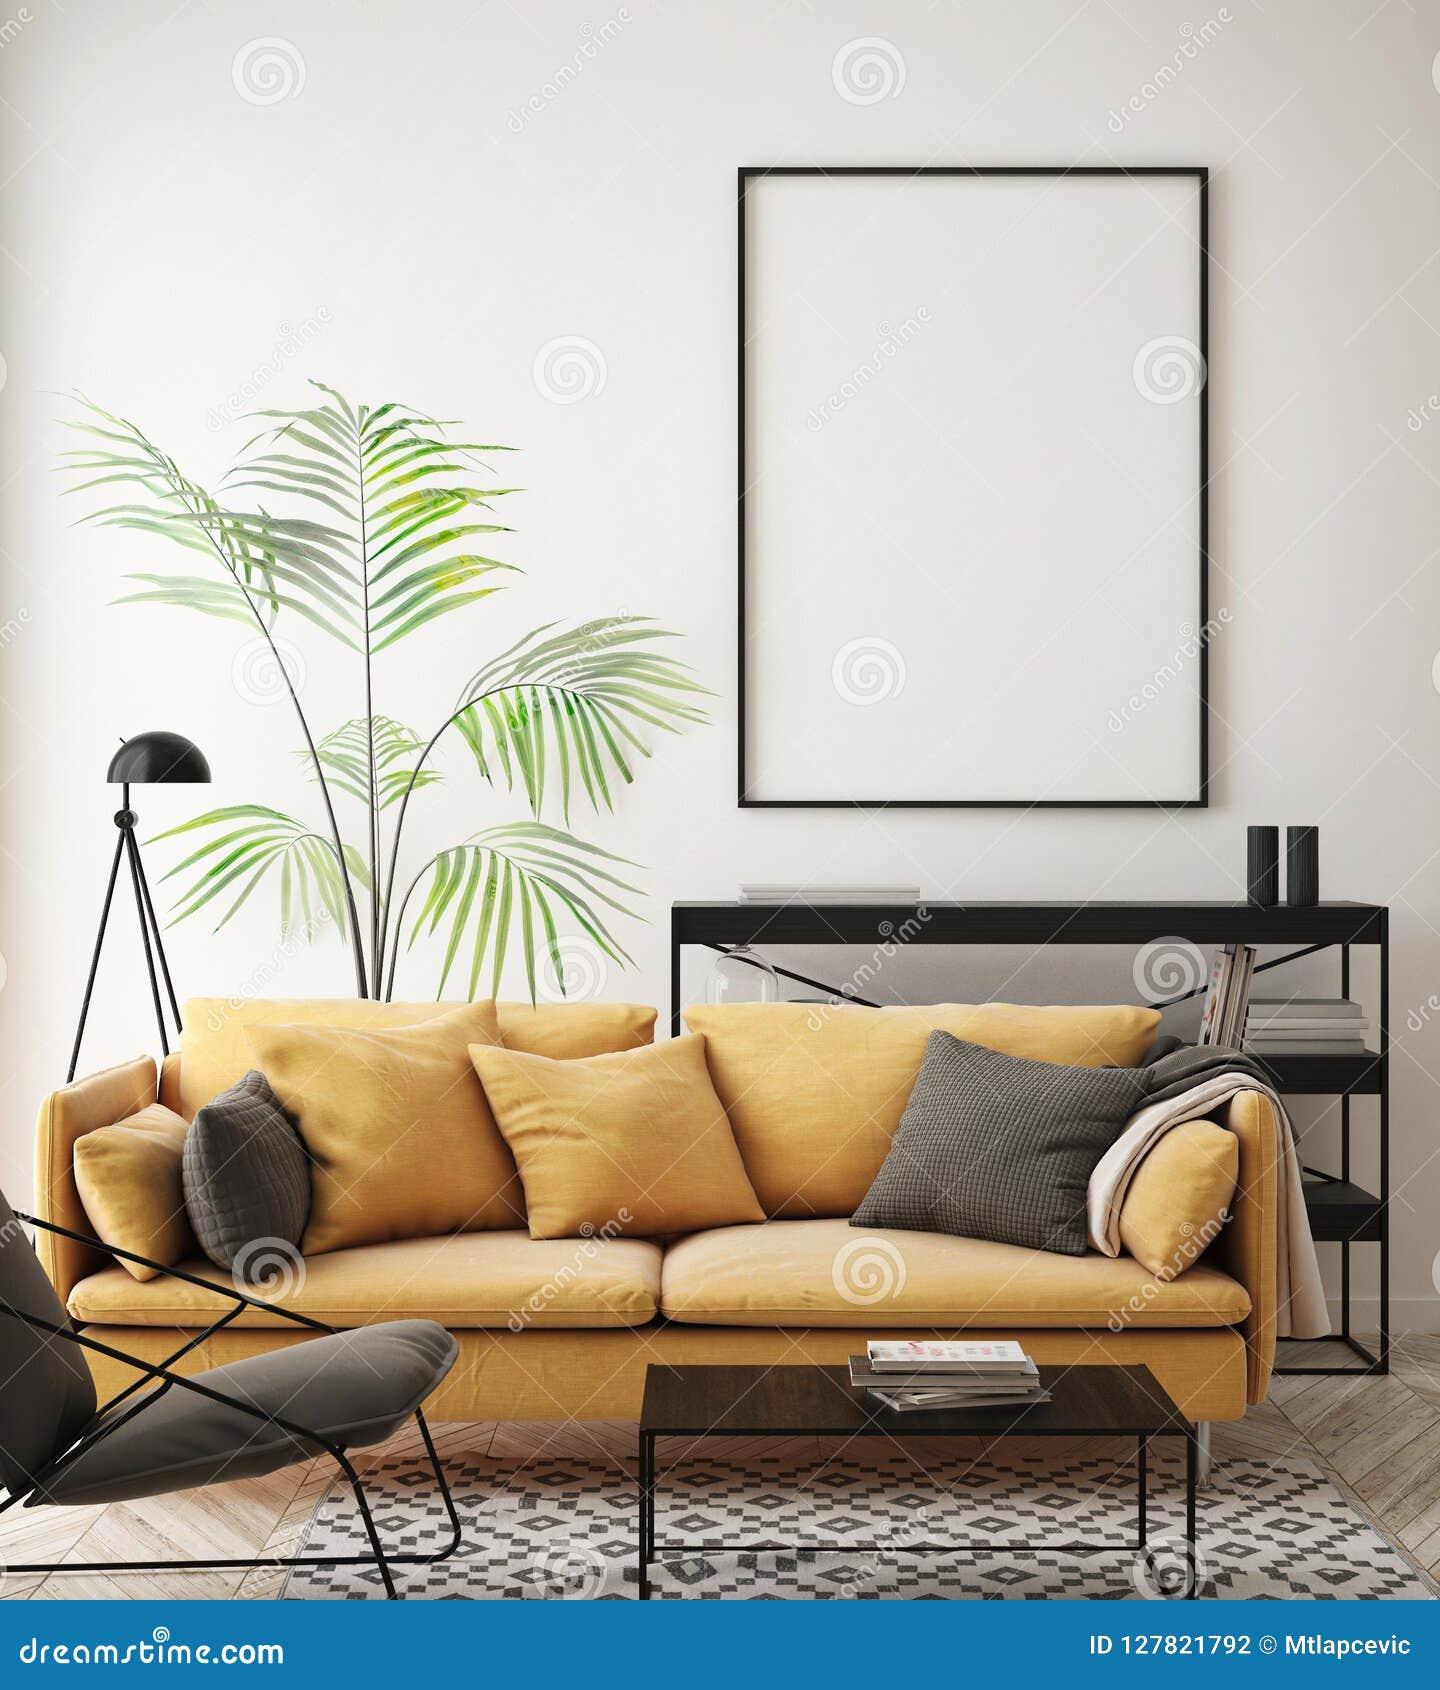 Verspotten Sie herauf Plakatrahmen im Hippie-Innenhintergrund, Wohnzimmer, skandinavische Art, 3D übertragen, Illustration 3D